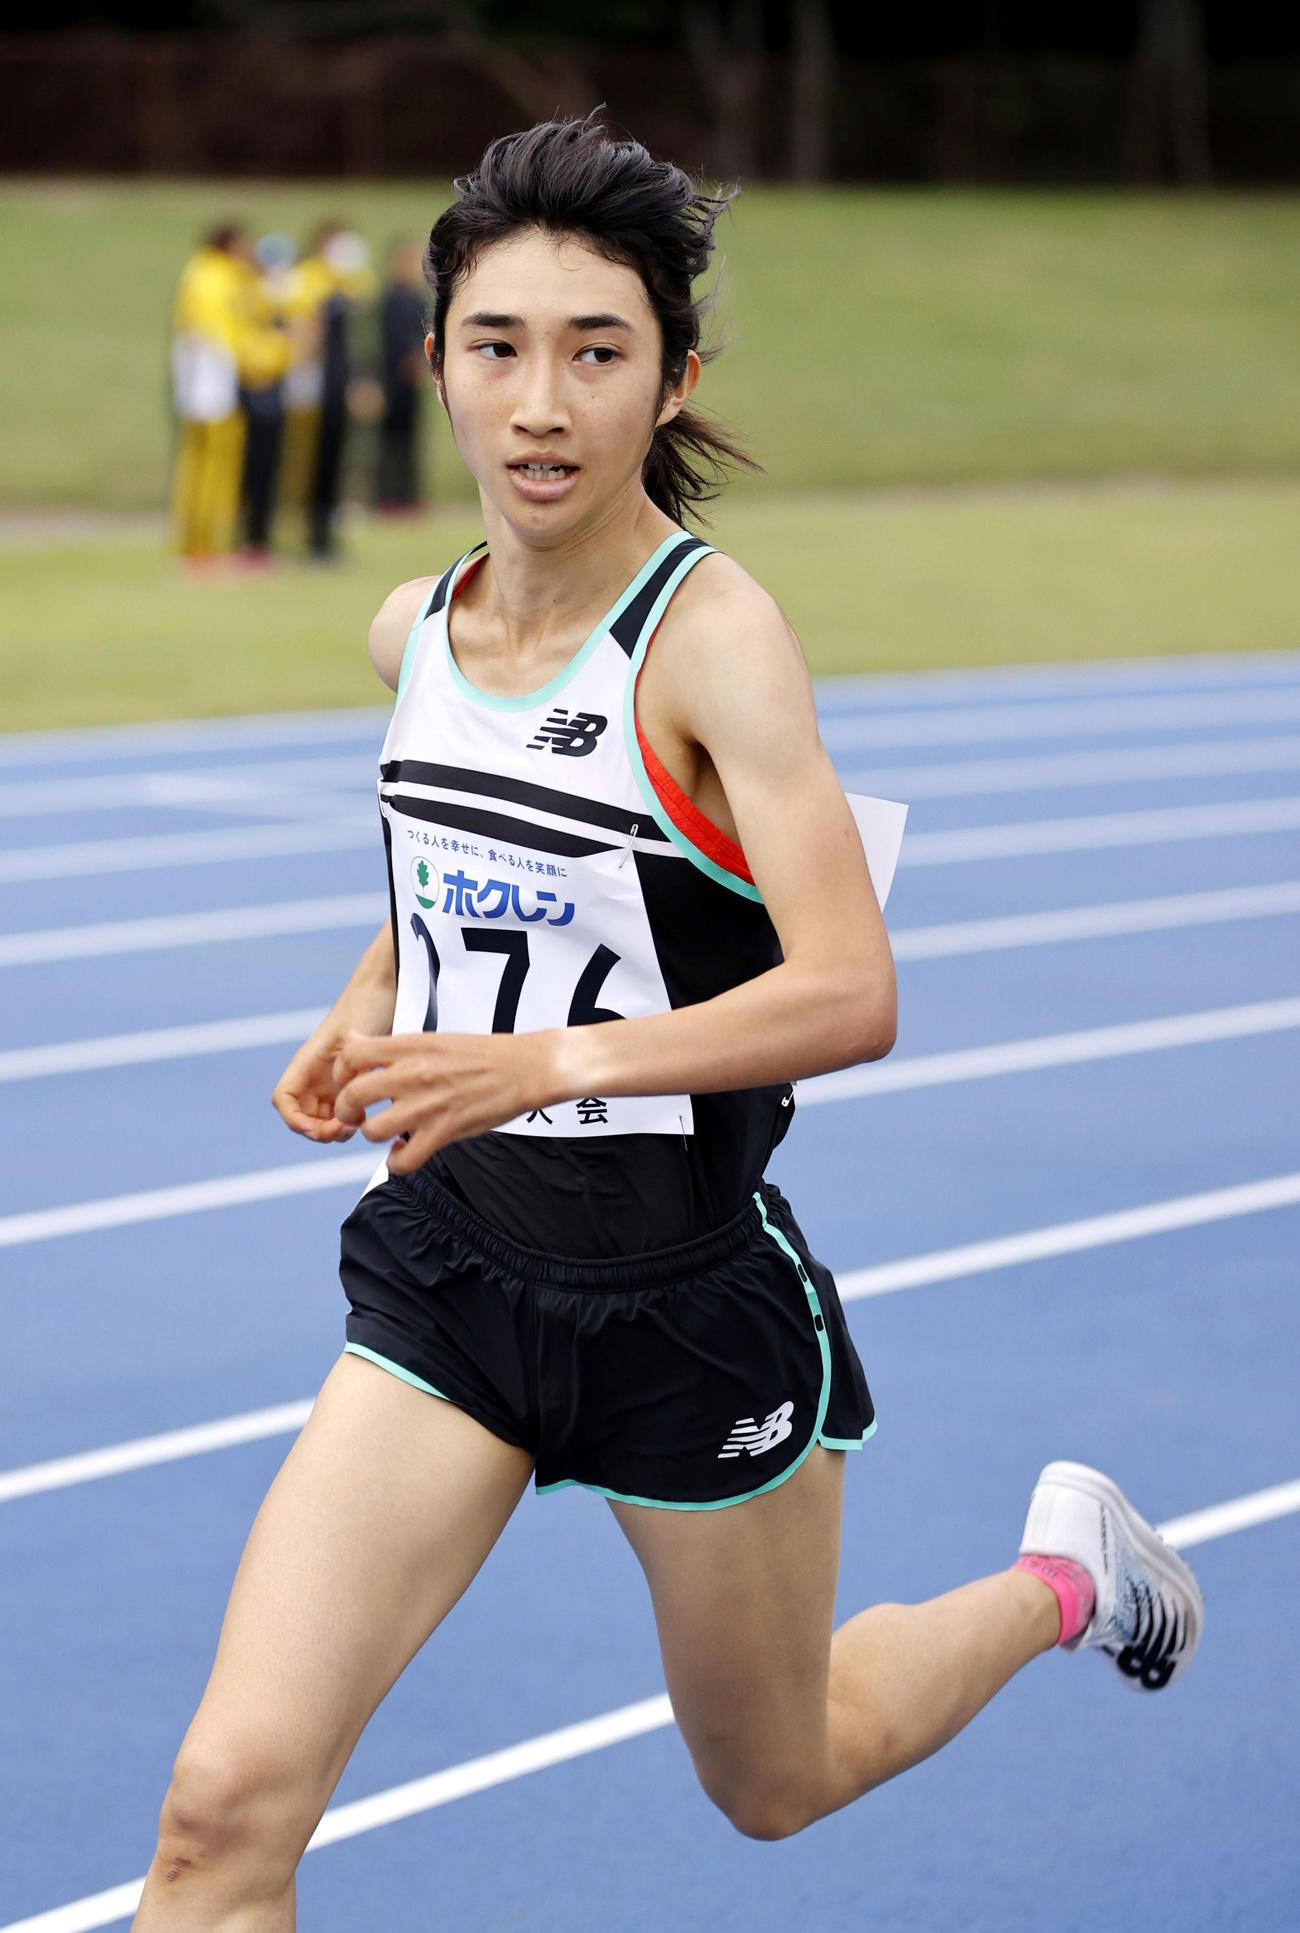 女子3000メートルA組 力走する田中希実(276)=18日午後5時32分、 千歳市青葉陸上競技場(代表撮影)